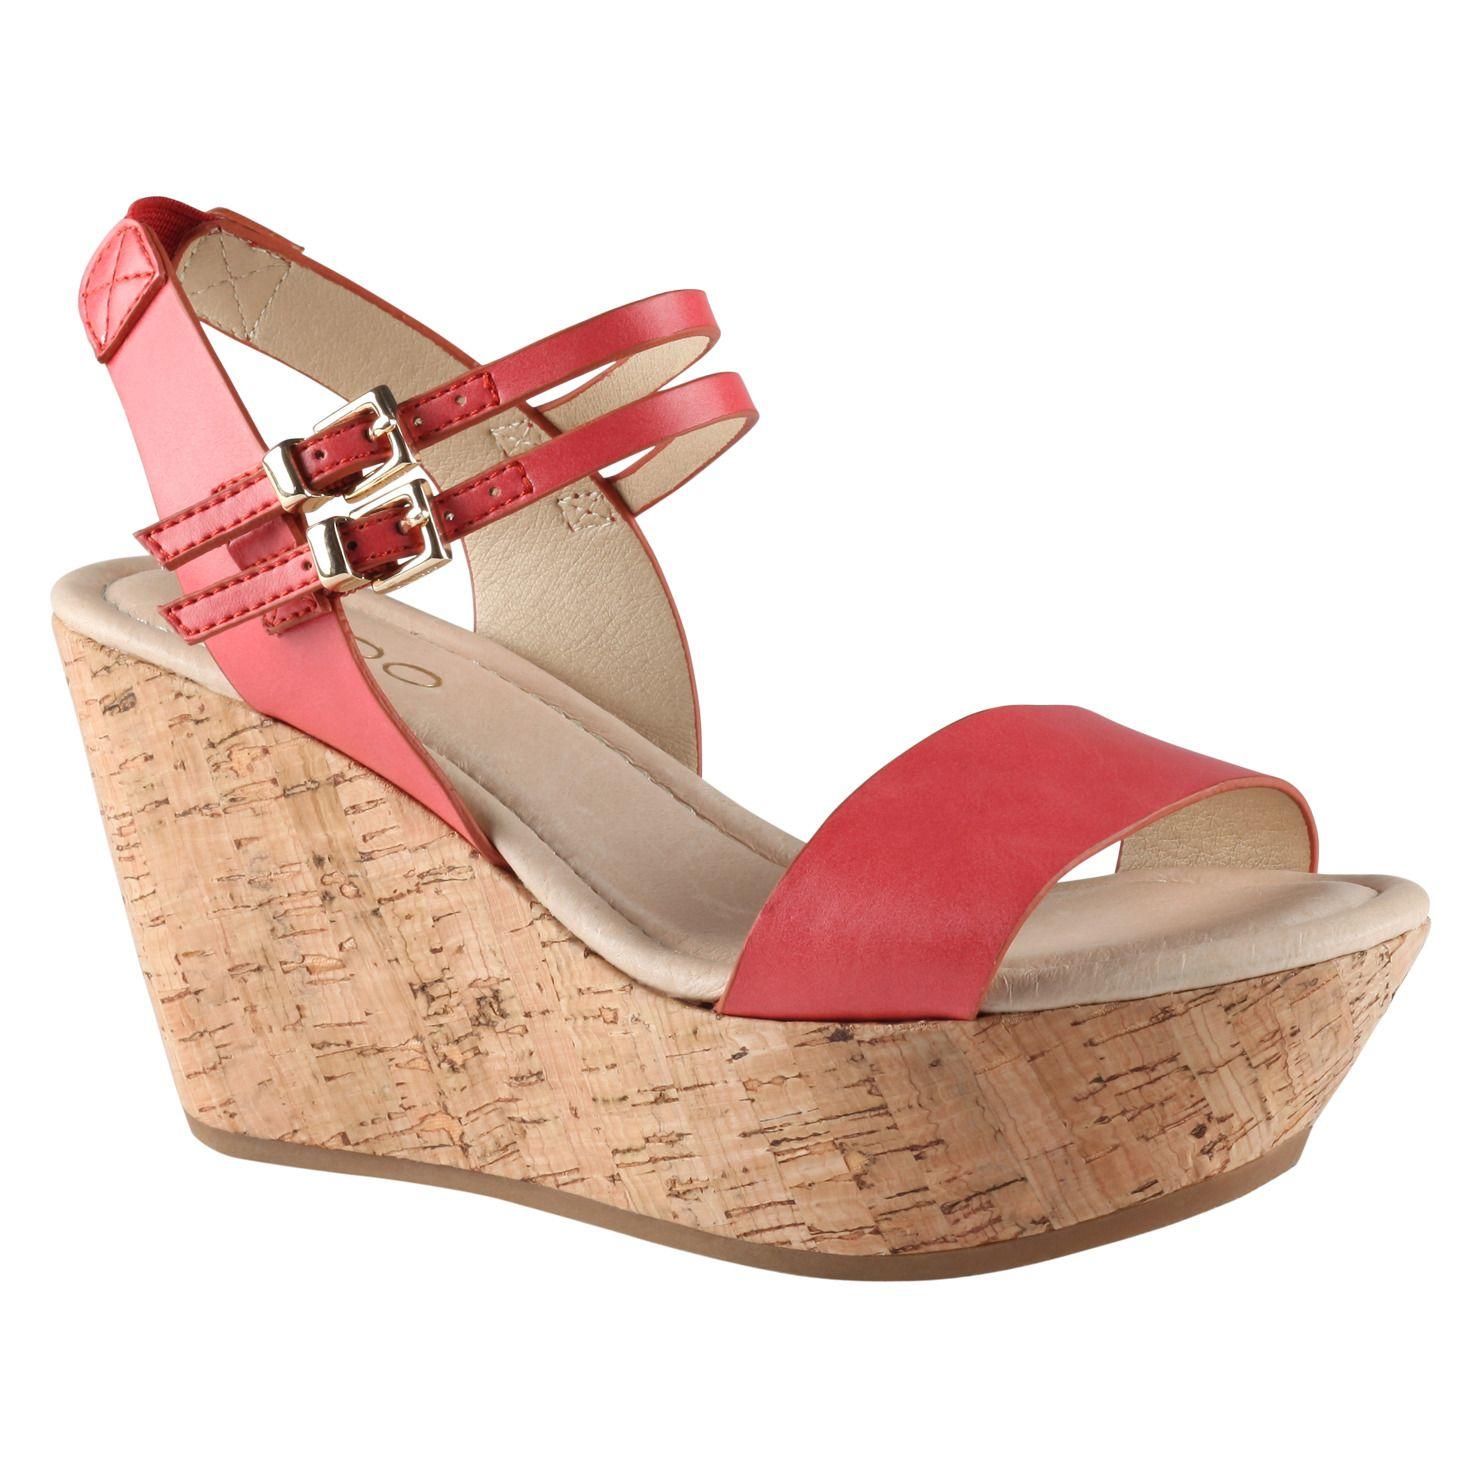 3b55062d9af3 THERSA - womens wedges sandals for sale at ALDO Shoes. Got  em  o ...